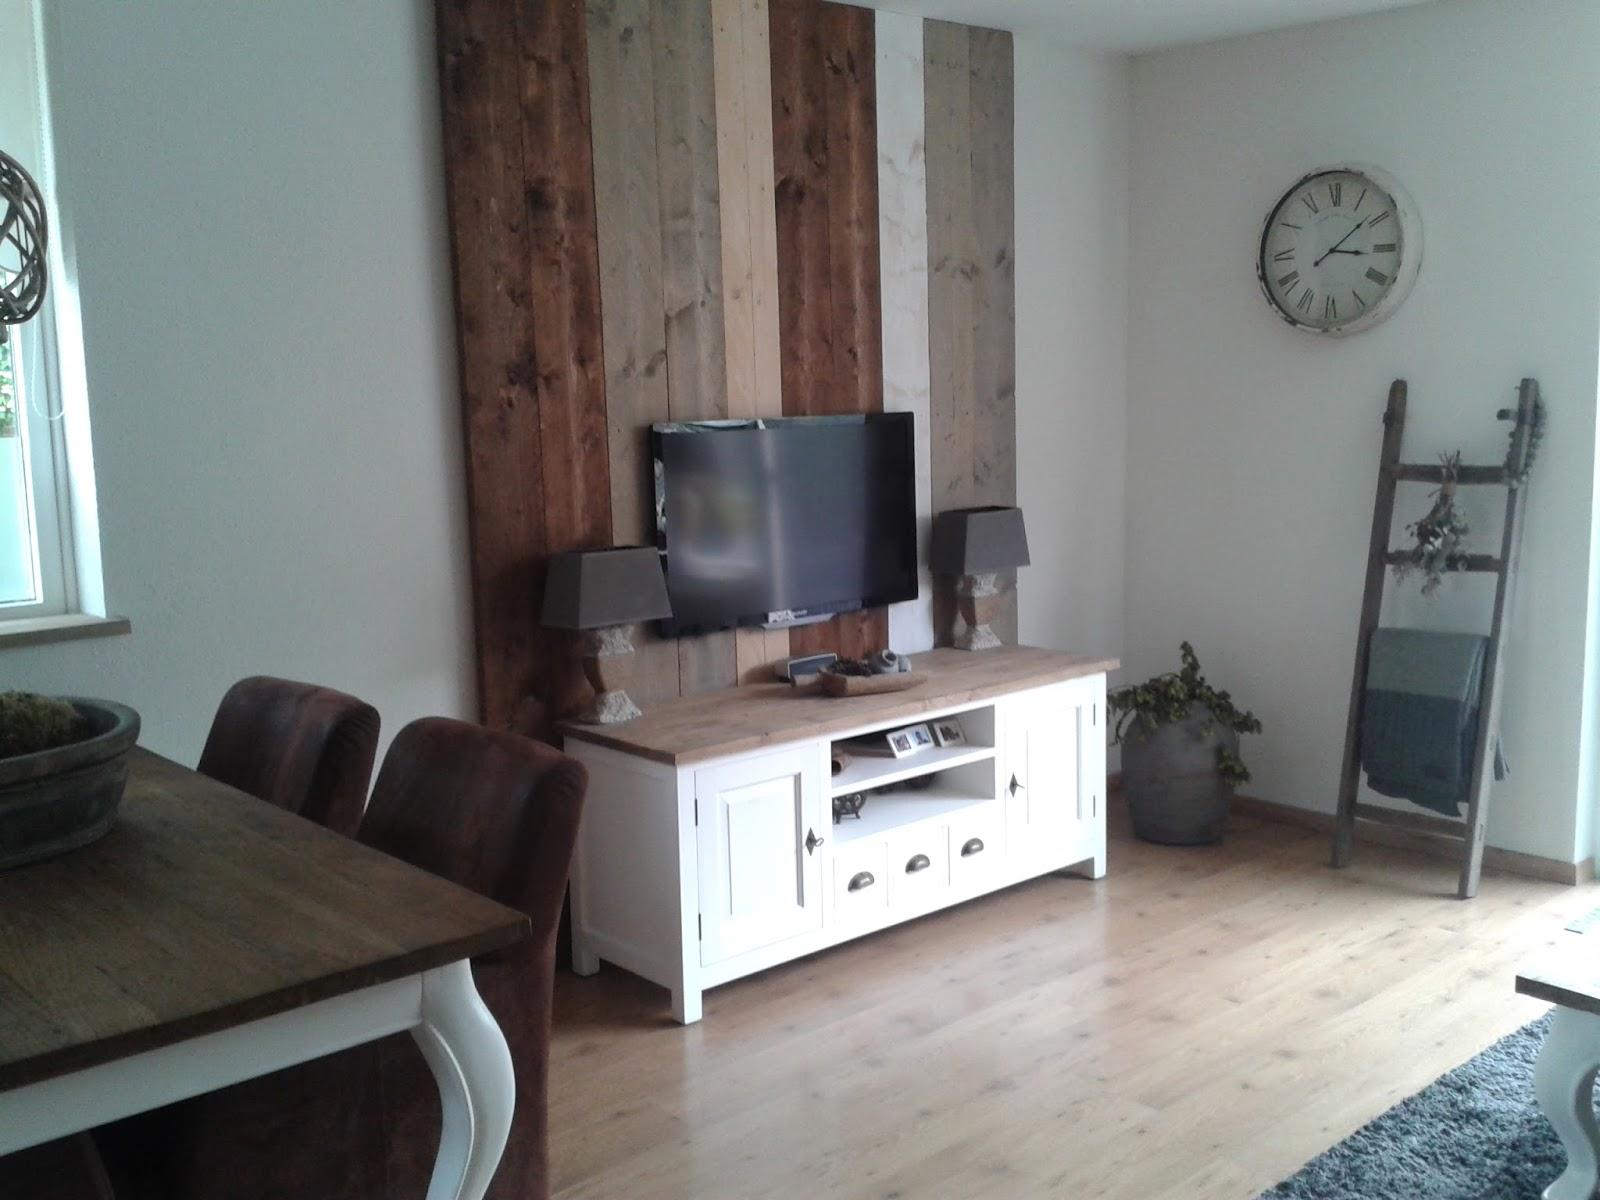 Wonen in je eigen stijl september 2015 - Keuken en woonkamer in dezelfde kamer ...